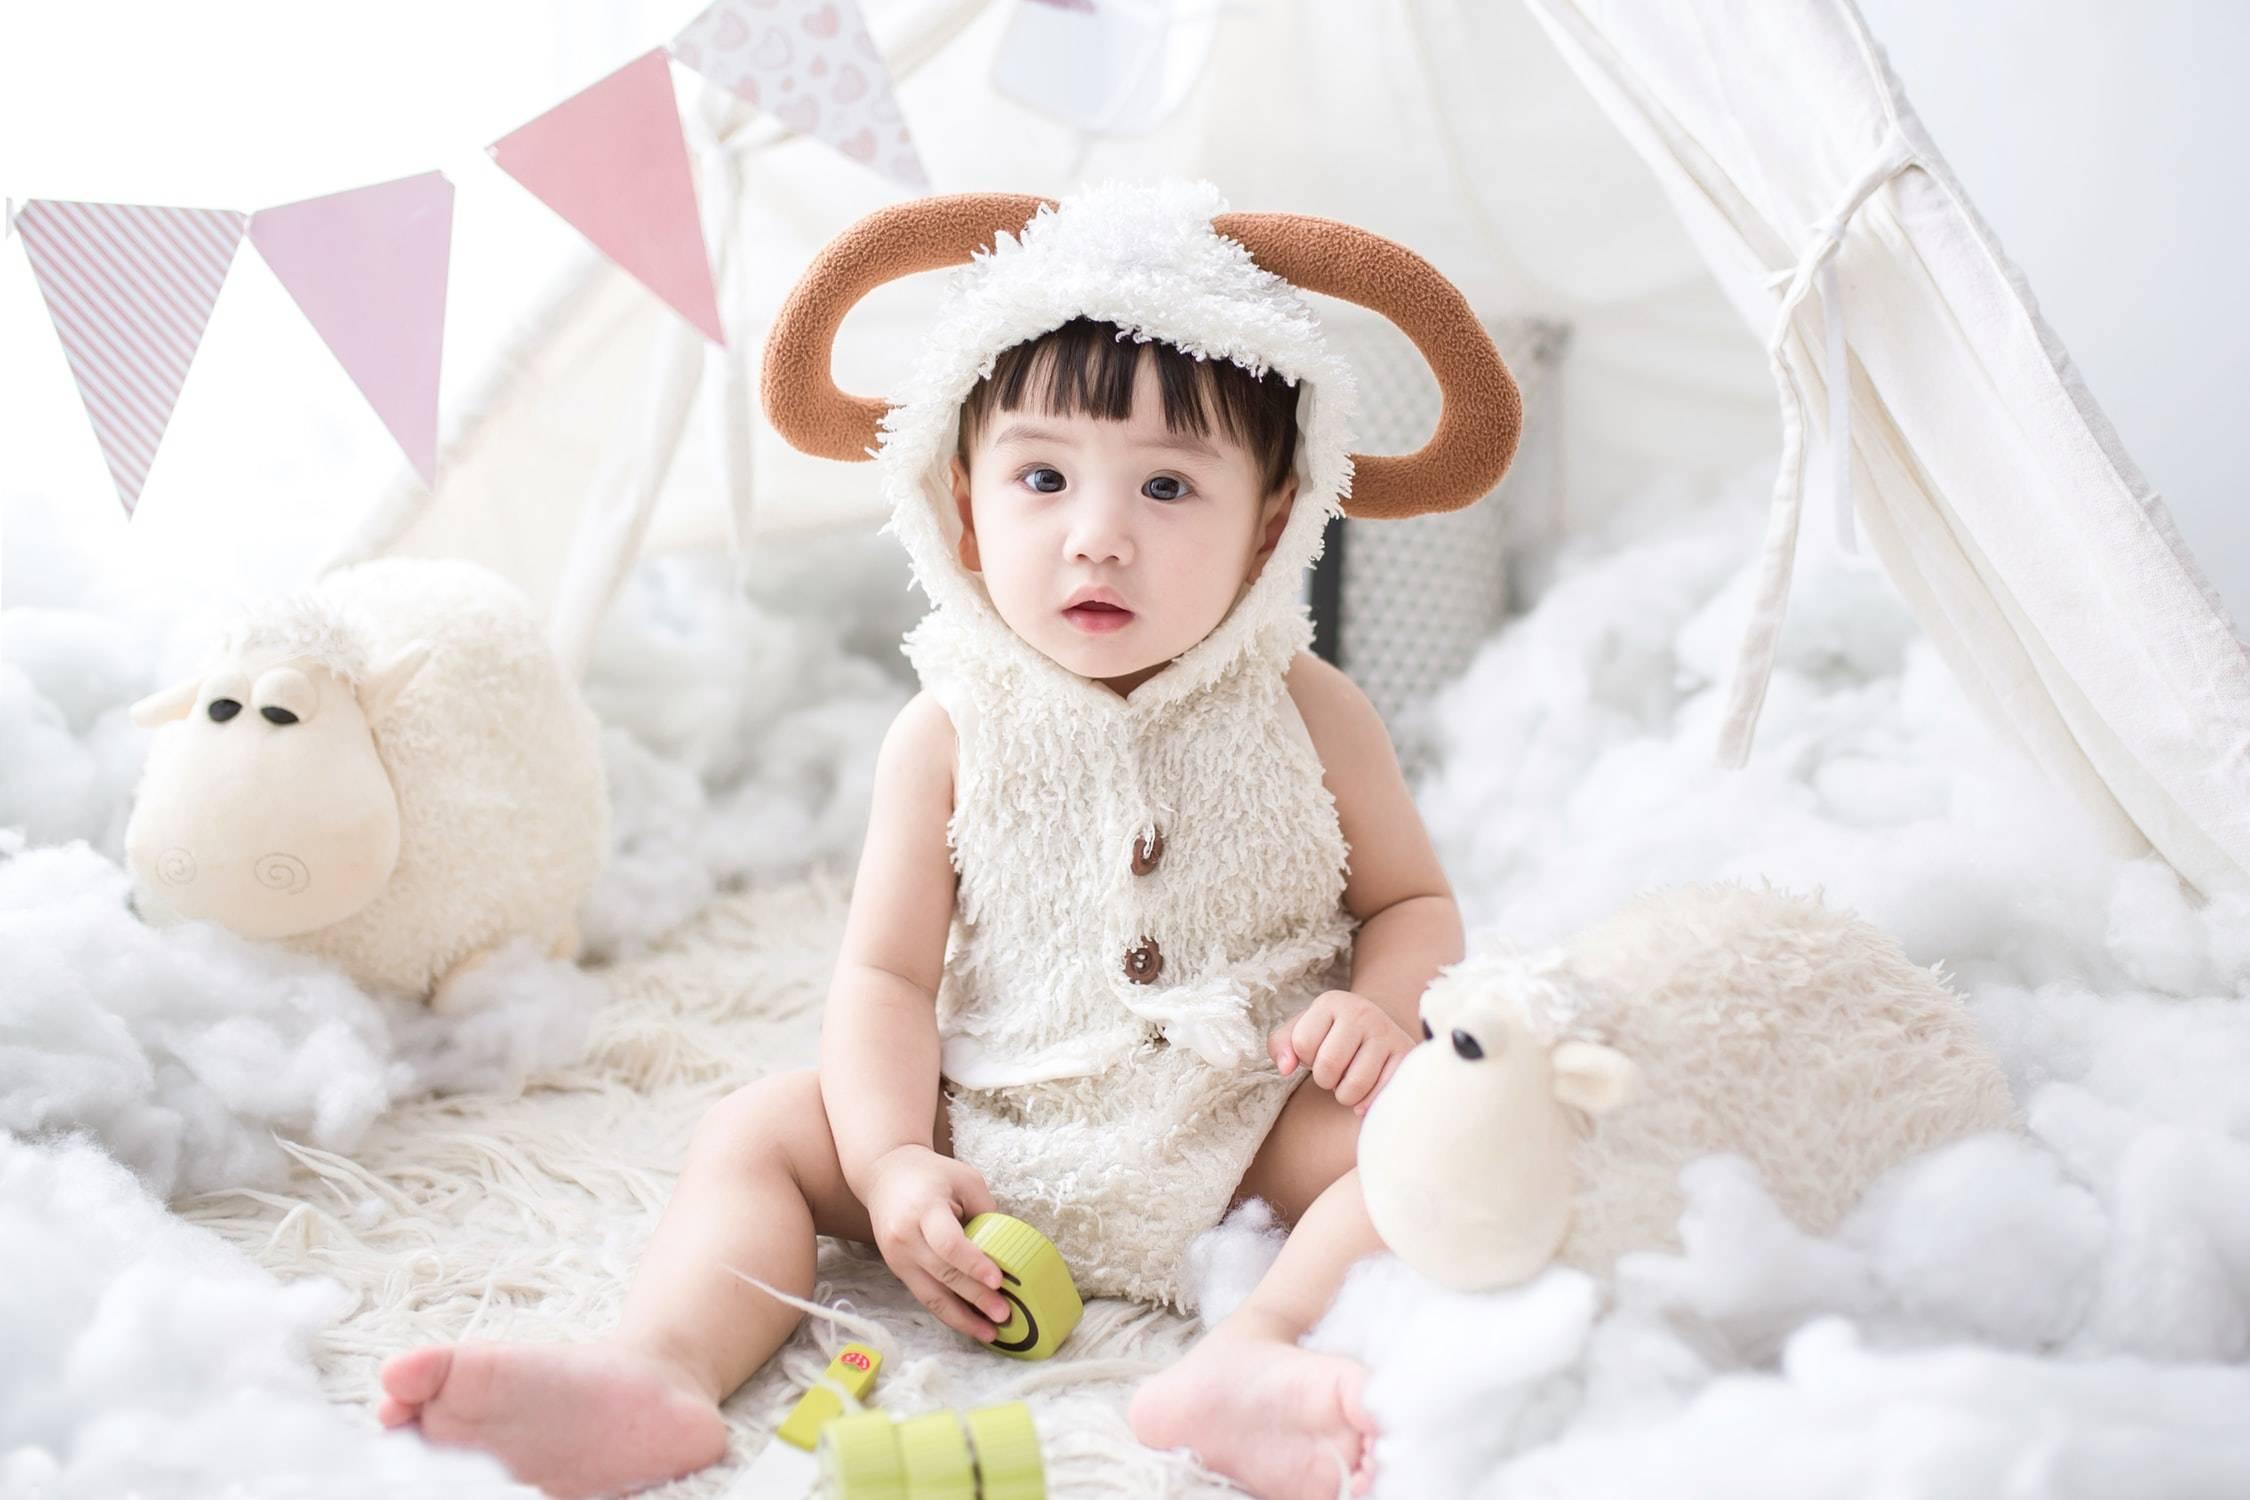 为什么孩子会出现口臭?如何预防小儿口臭?——湘曦源  第3张